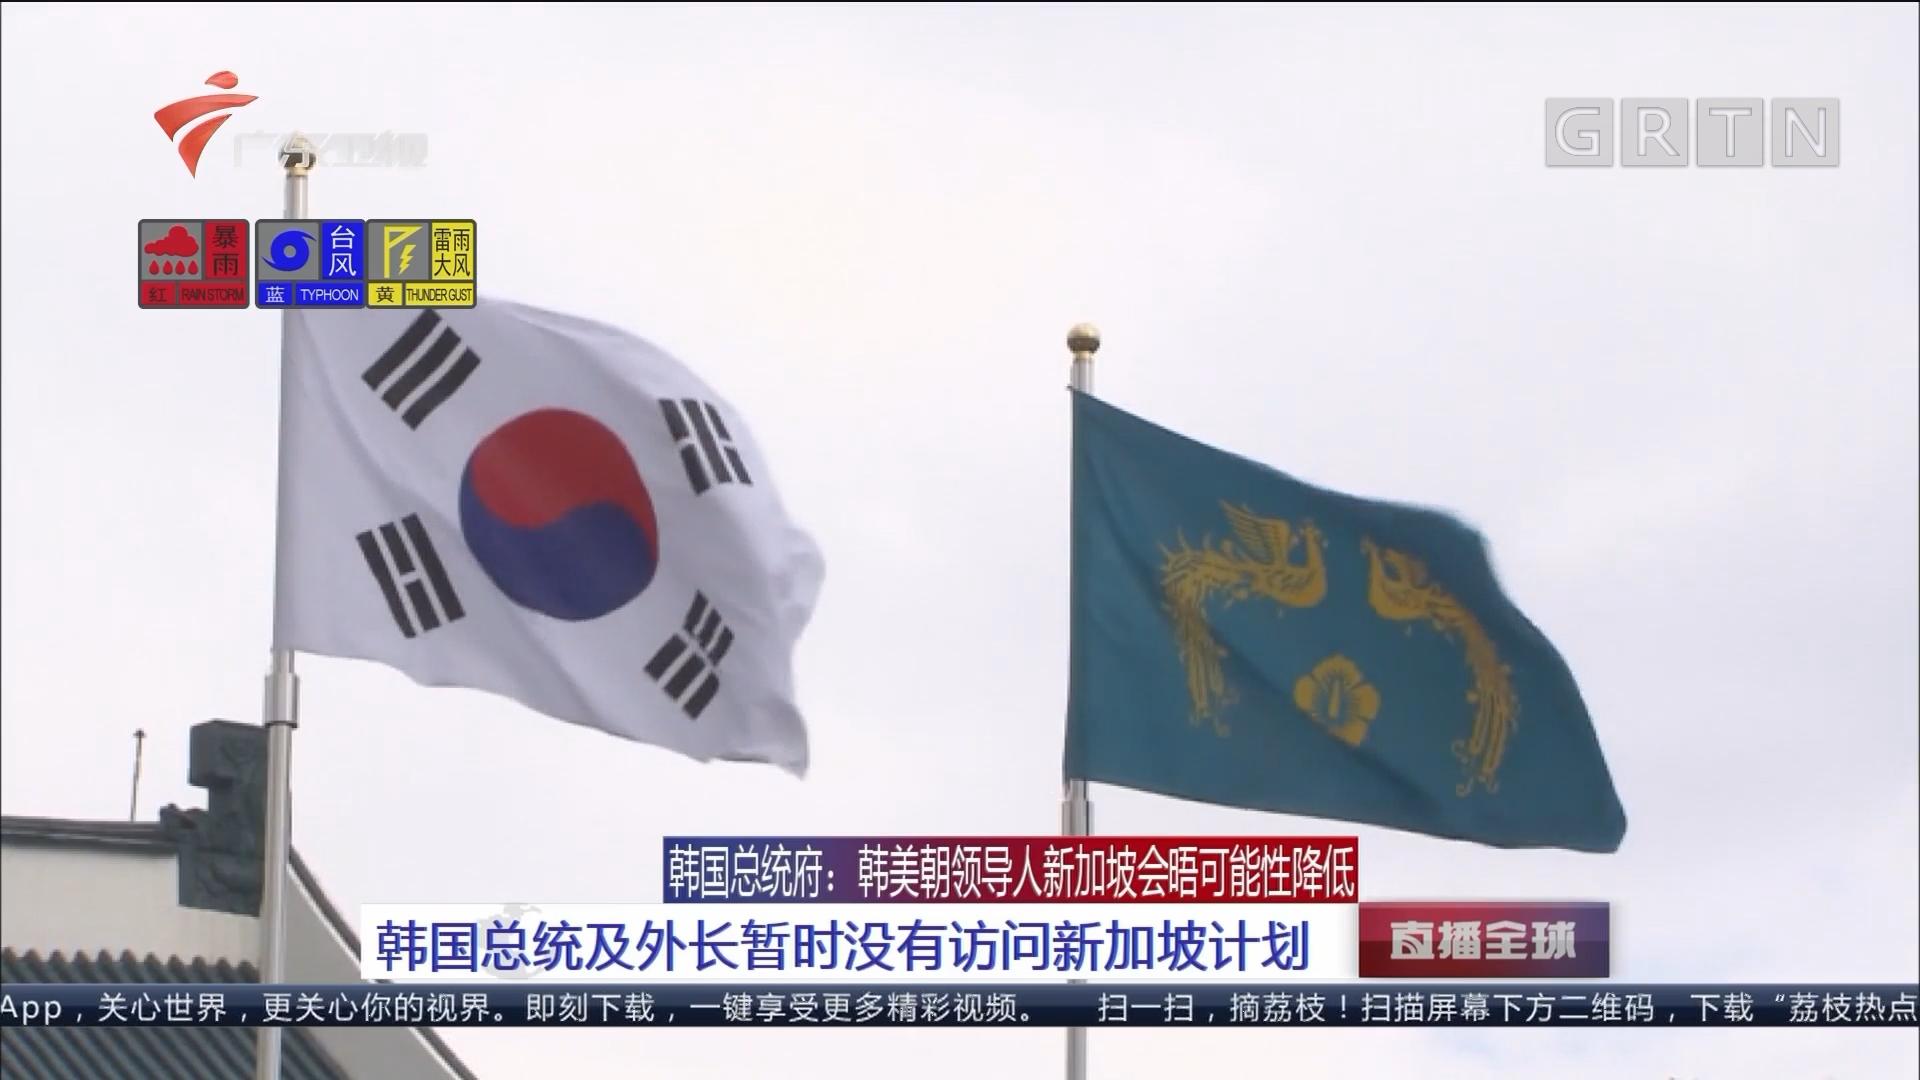 韩国总统府:韩美朝领导人新加坡会晤可能性降低 韩国总统及外长暂时没有访问新加坡计划